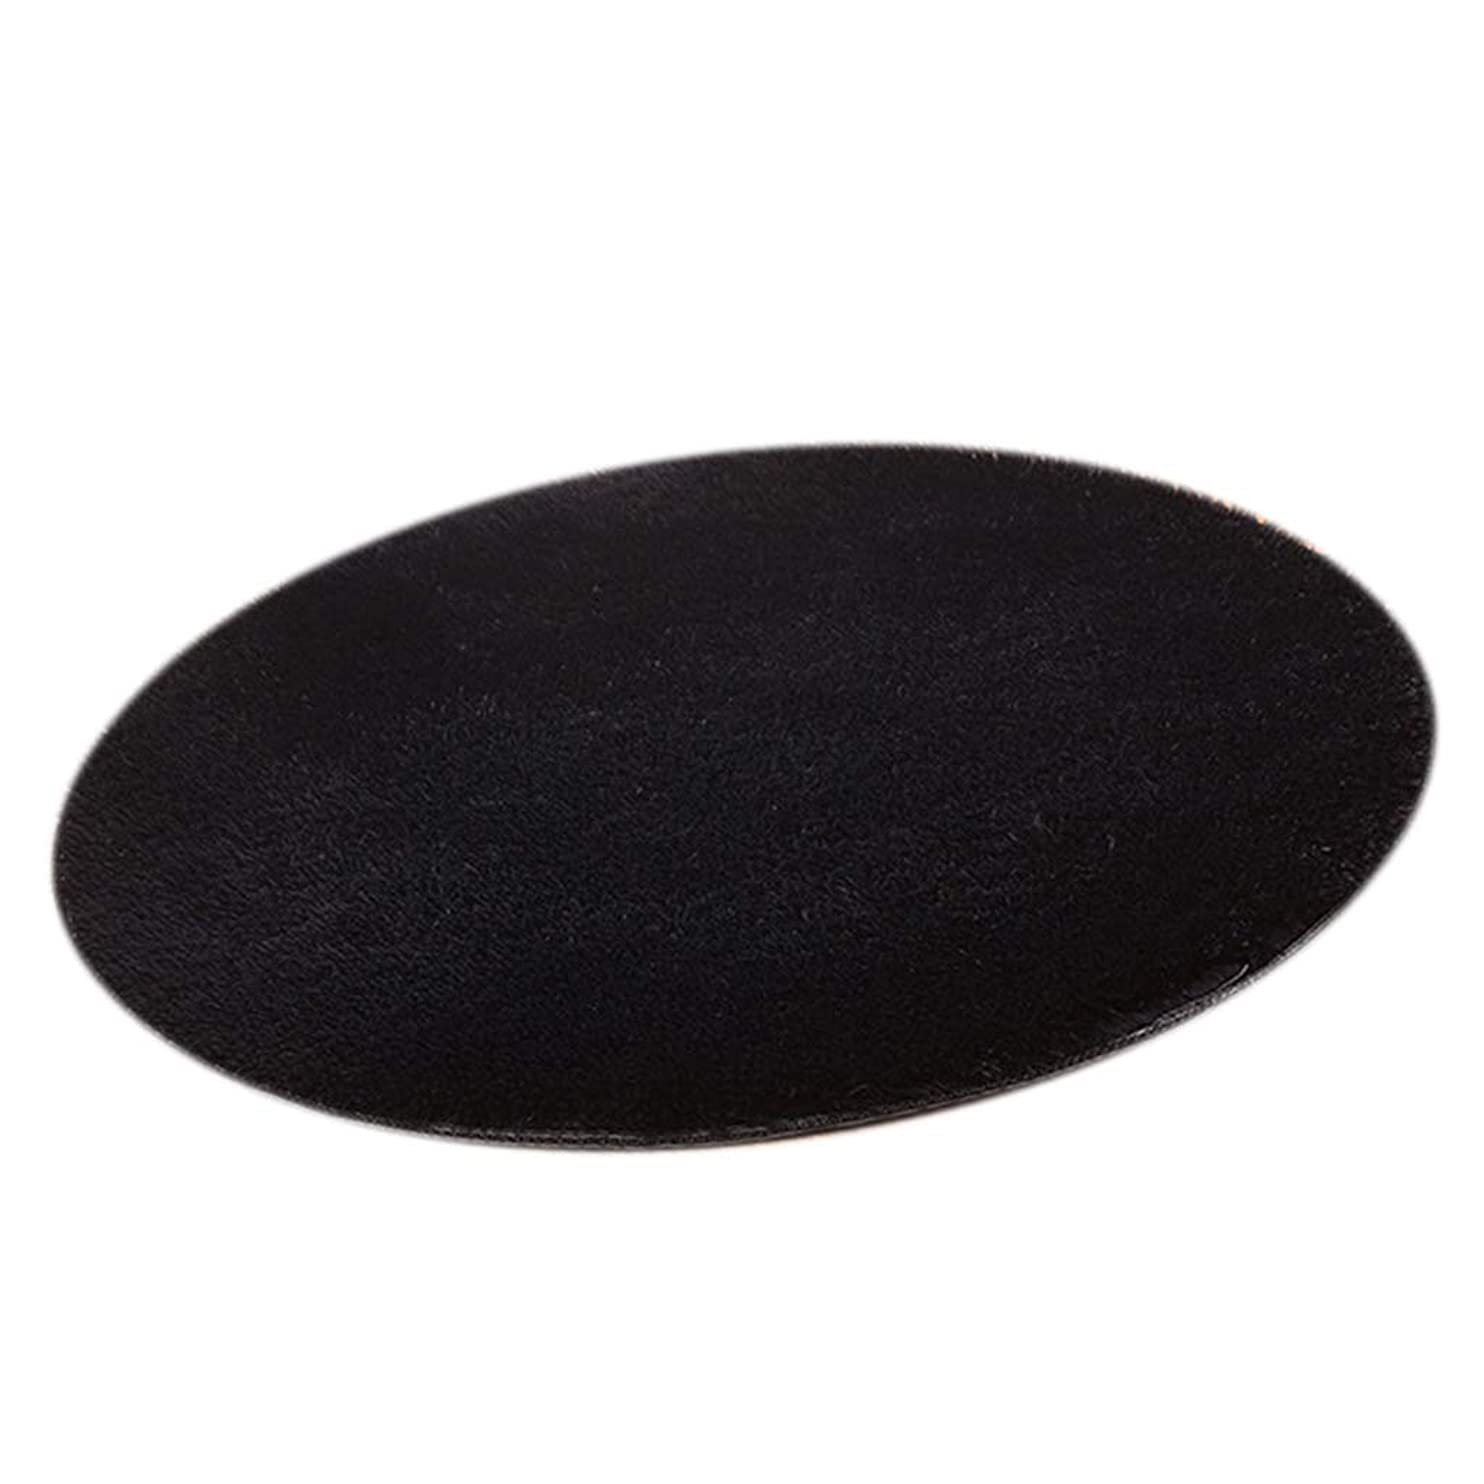 三番基本的な機密円形 カーペット ラグ マット 敷物 パッド 直径30cm ふわふわ ぬいぐるみ 多目的 全10色 - ブラック